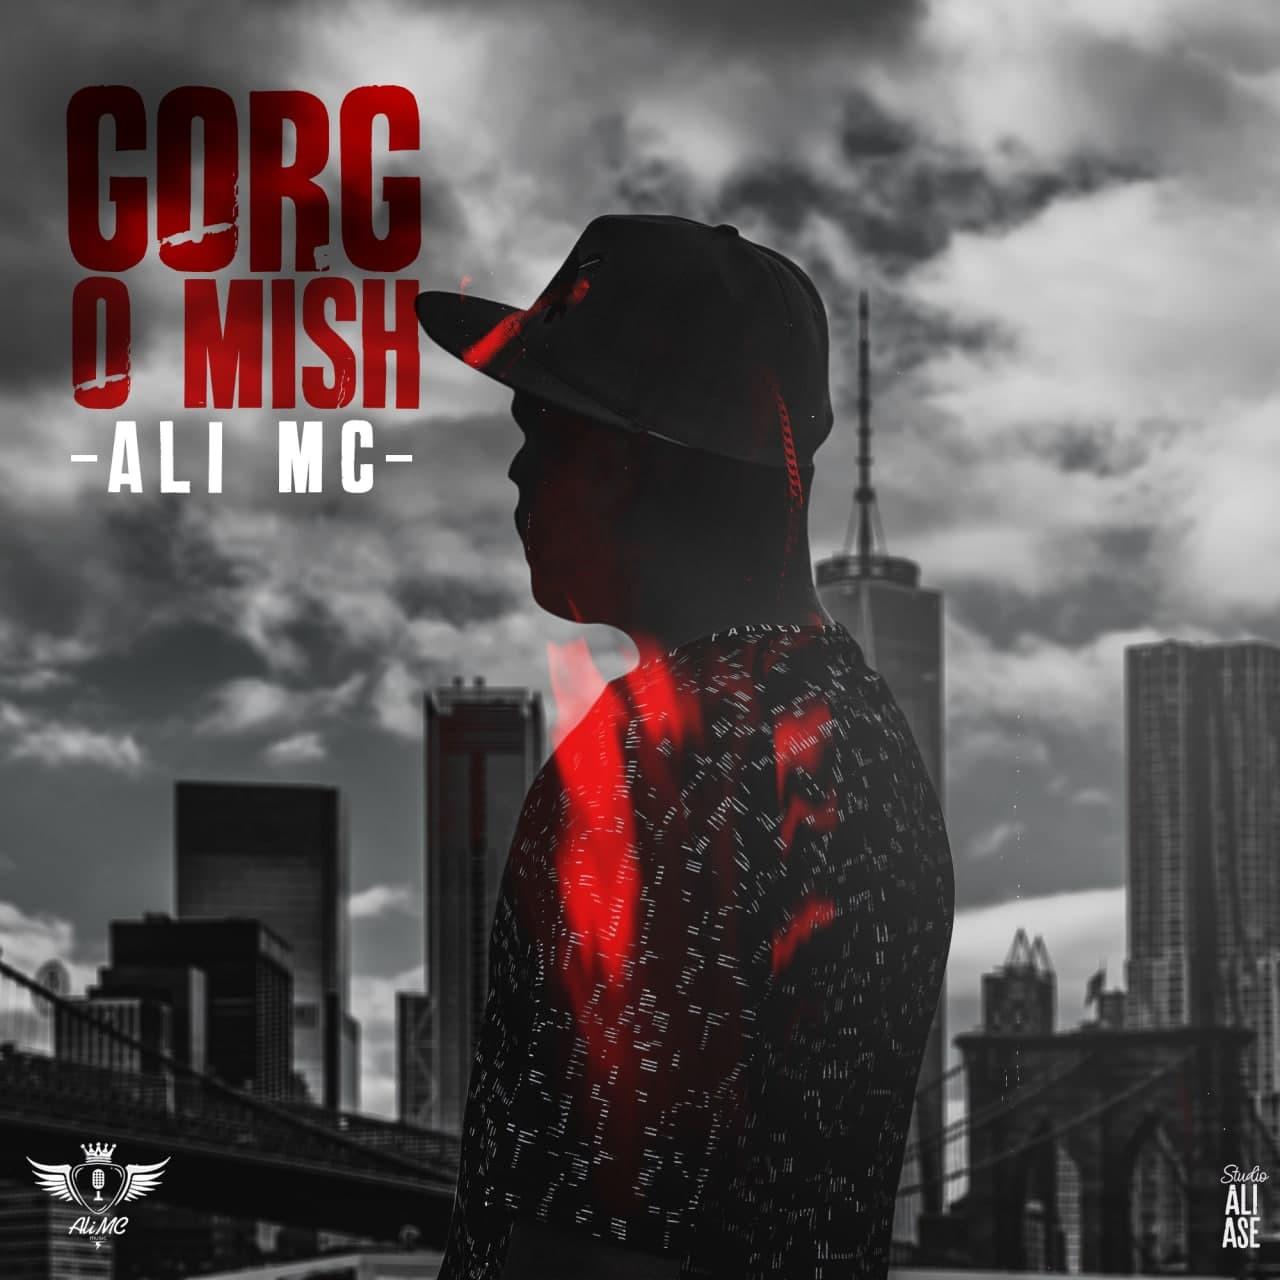 Ali MC - Gorgo Mish